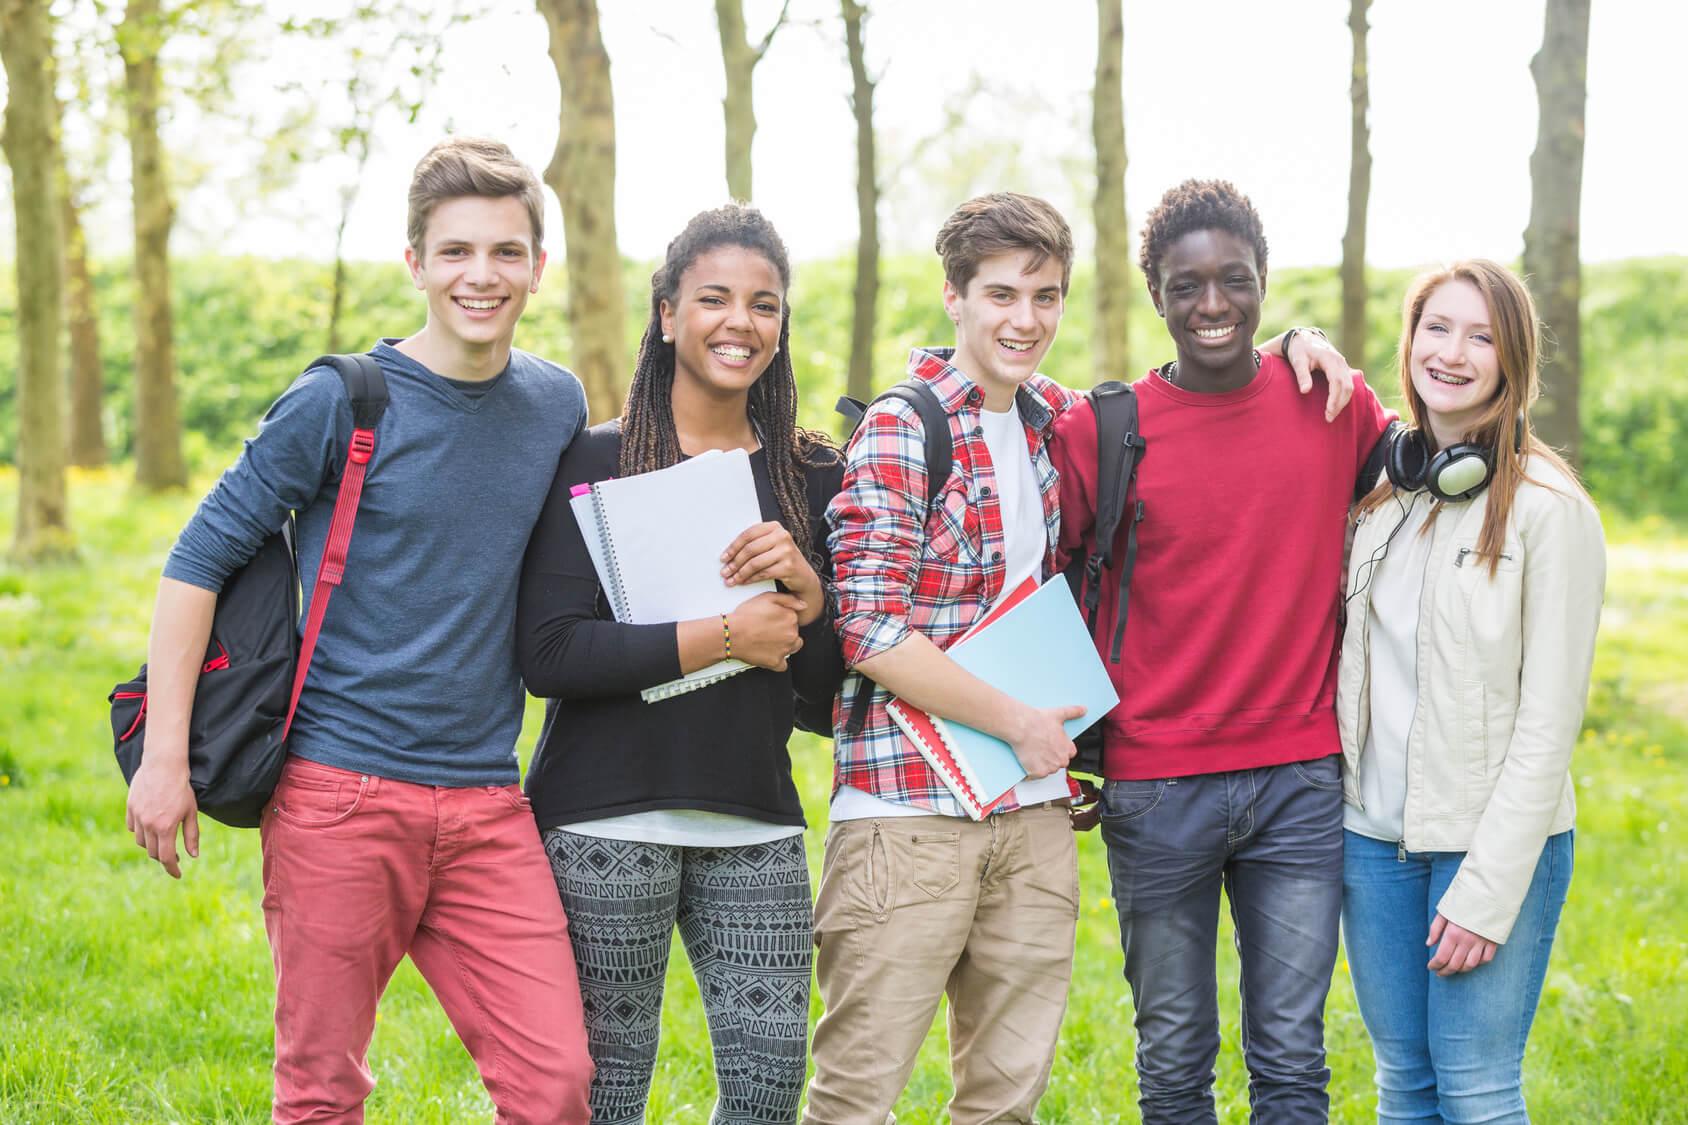 Adolescencia y pubertad: cambios físicos